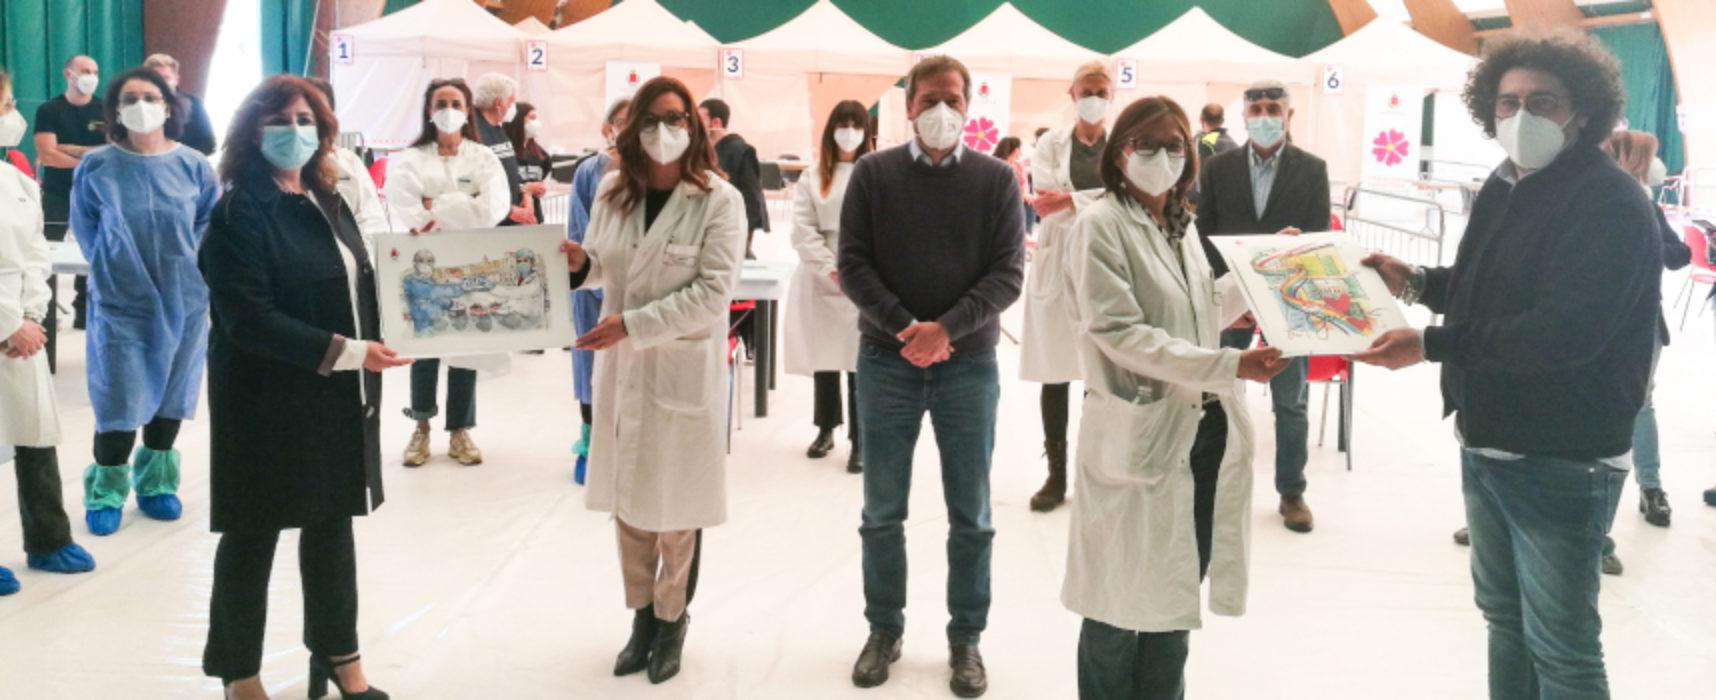 Sindaco dona acquerelli degli artisti Velletri e Abascià ai vaccinatori del Palacosmai / FOTO